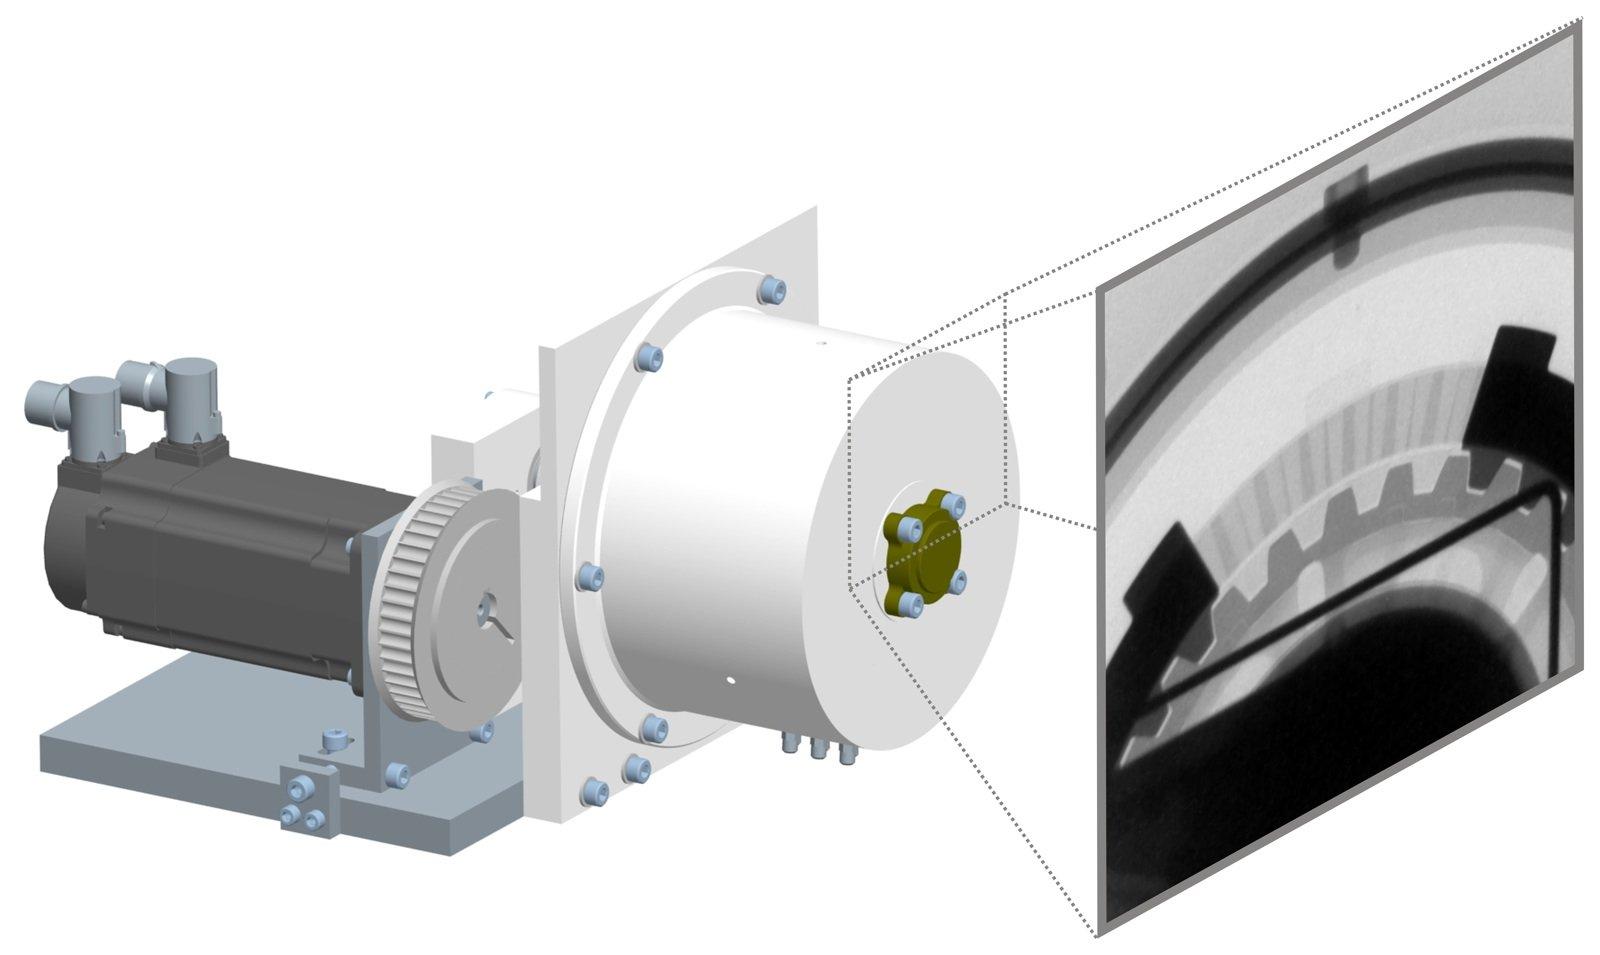 Das Metallgehäuse der Motoradkupplung wurde am PSI mit Neutronen durchleuchtet, um die Verteilung des Schmieröls sichtbar zu machen.